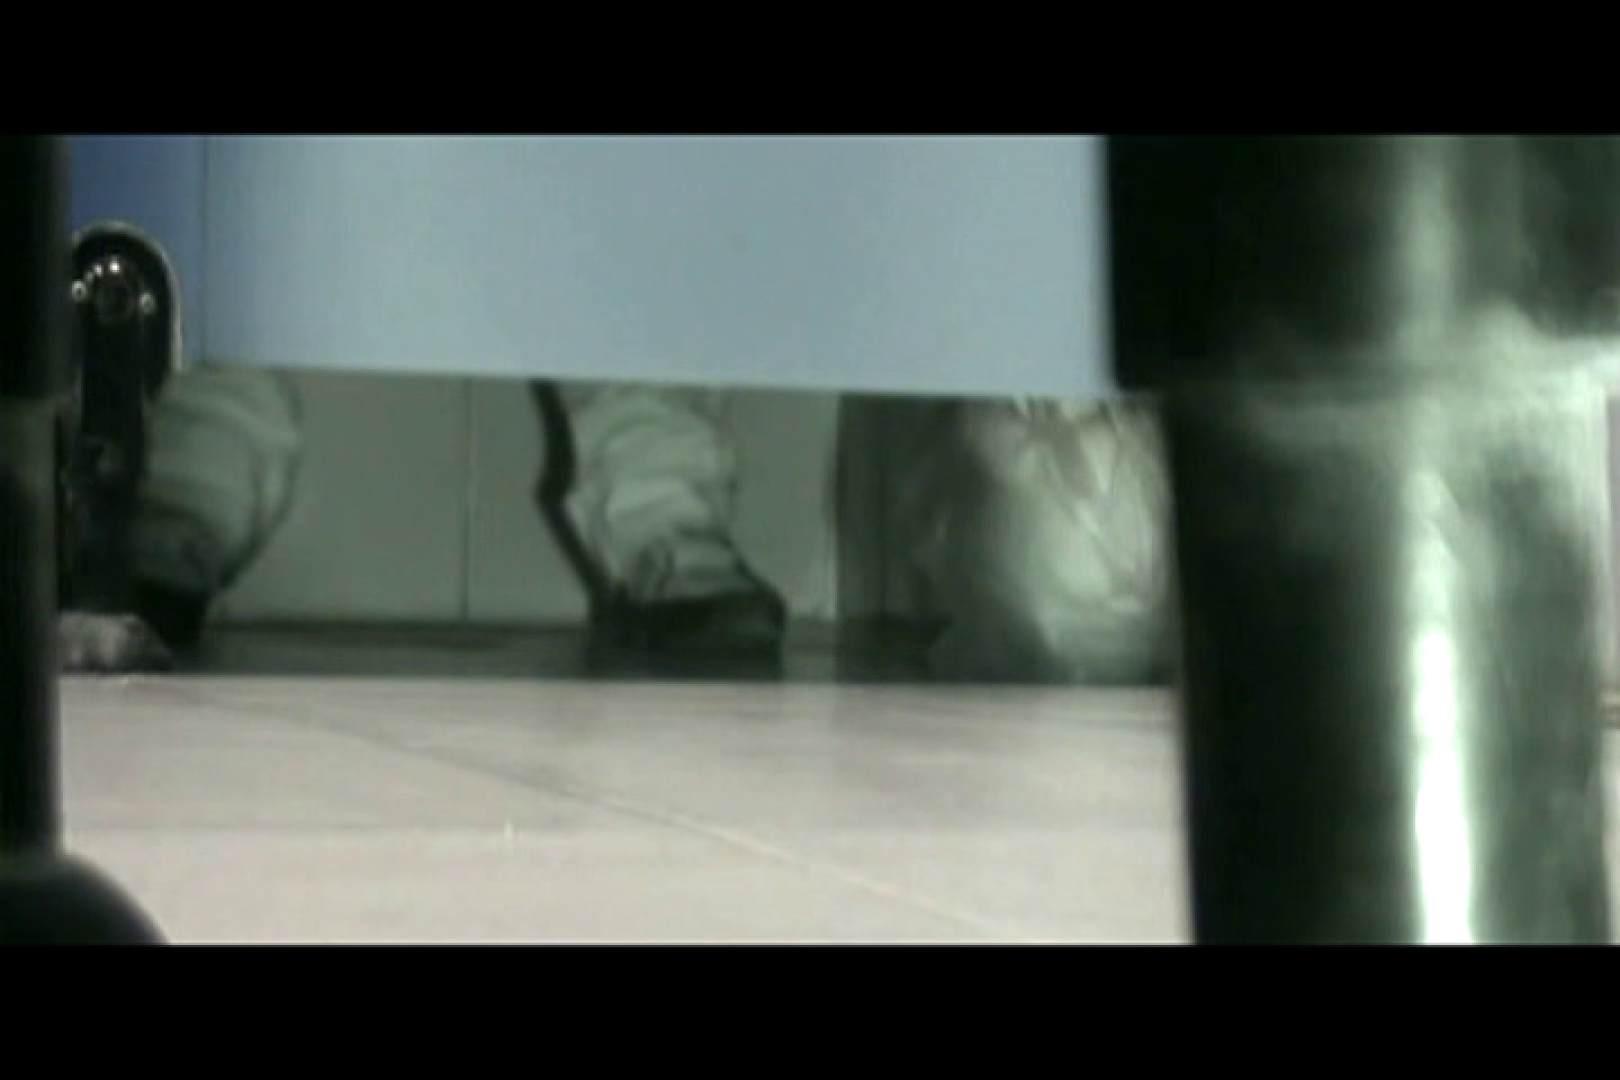 ぼっとん洗面所スペシャルVol.16 おまんこ おまんこ動画流出 103画像 19